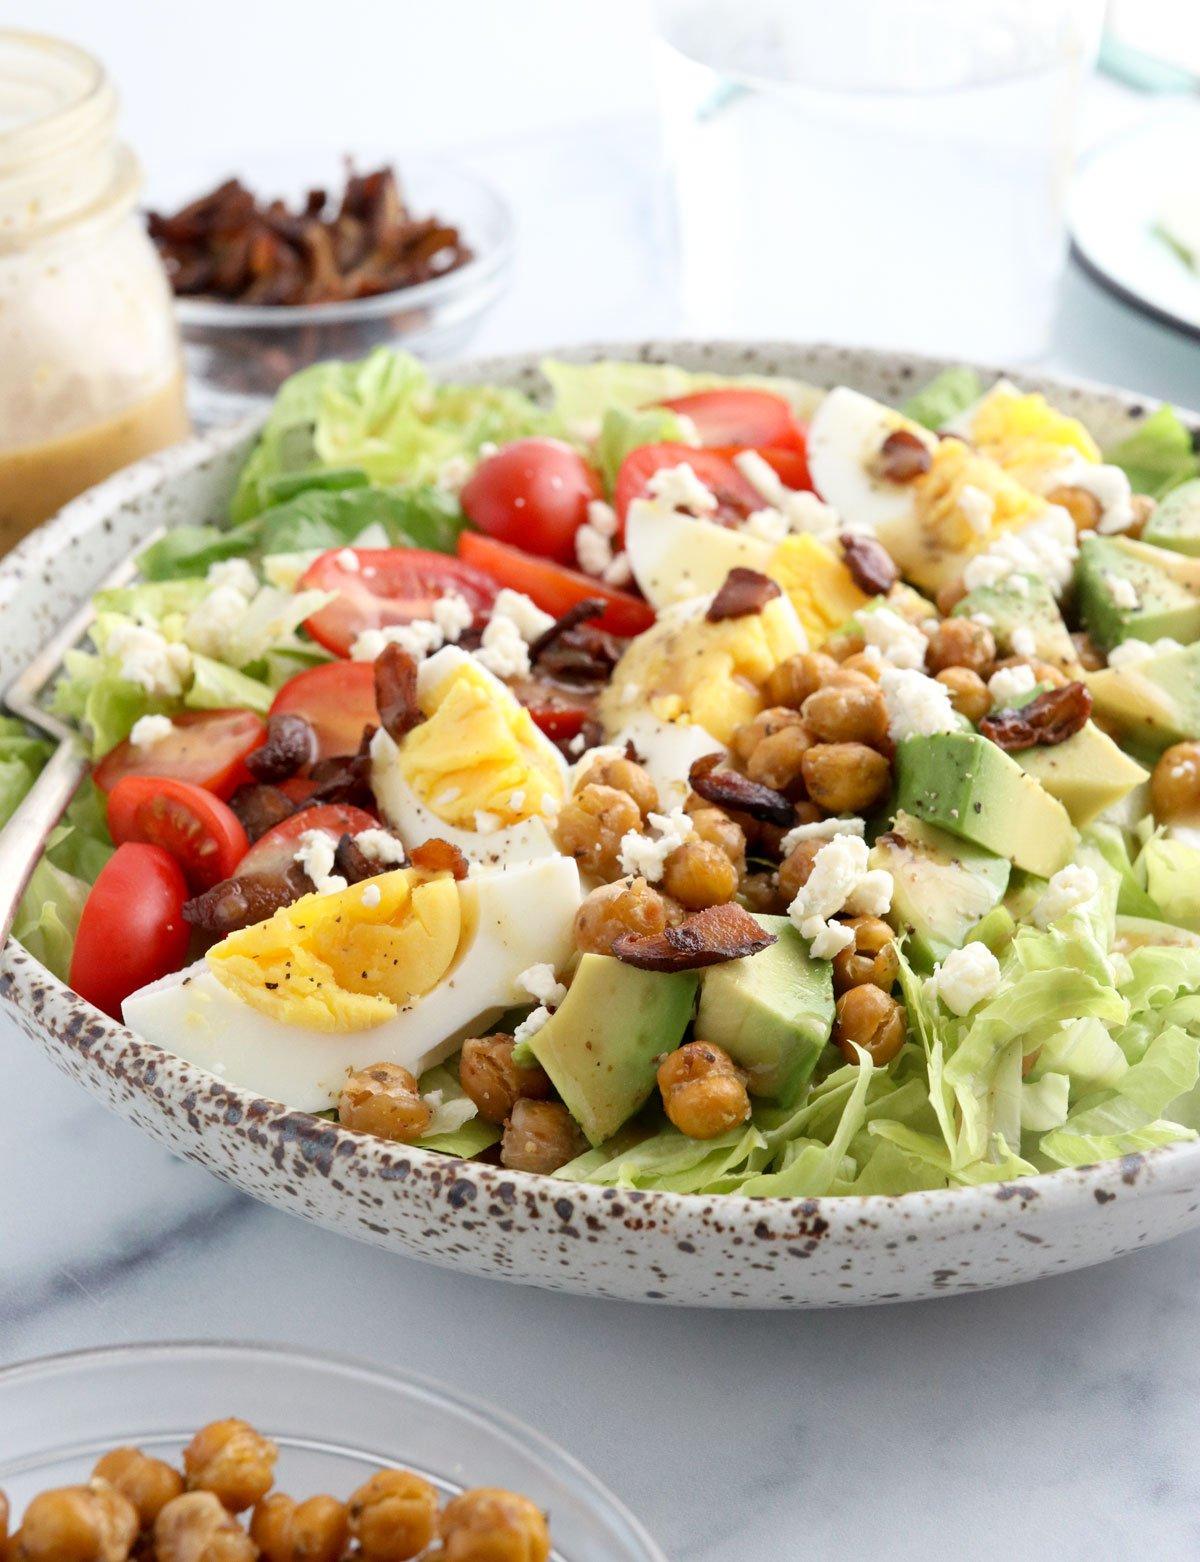 vegetarian cobb salad at an angle in bowl